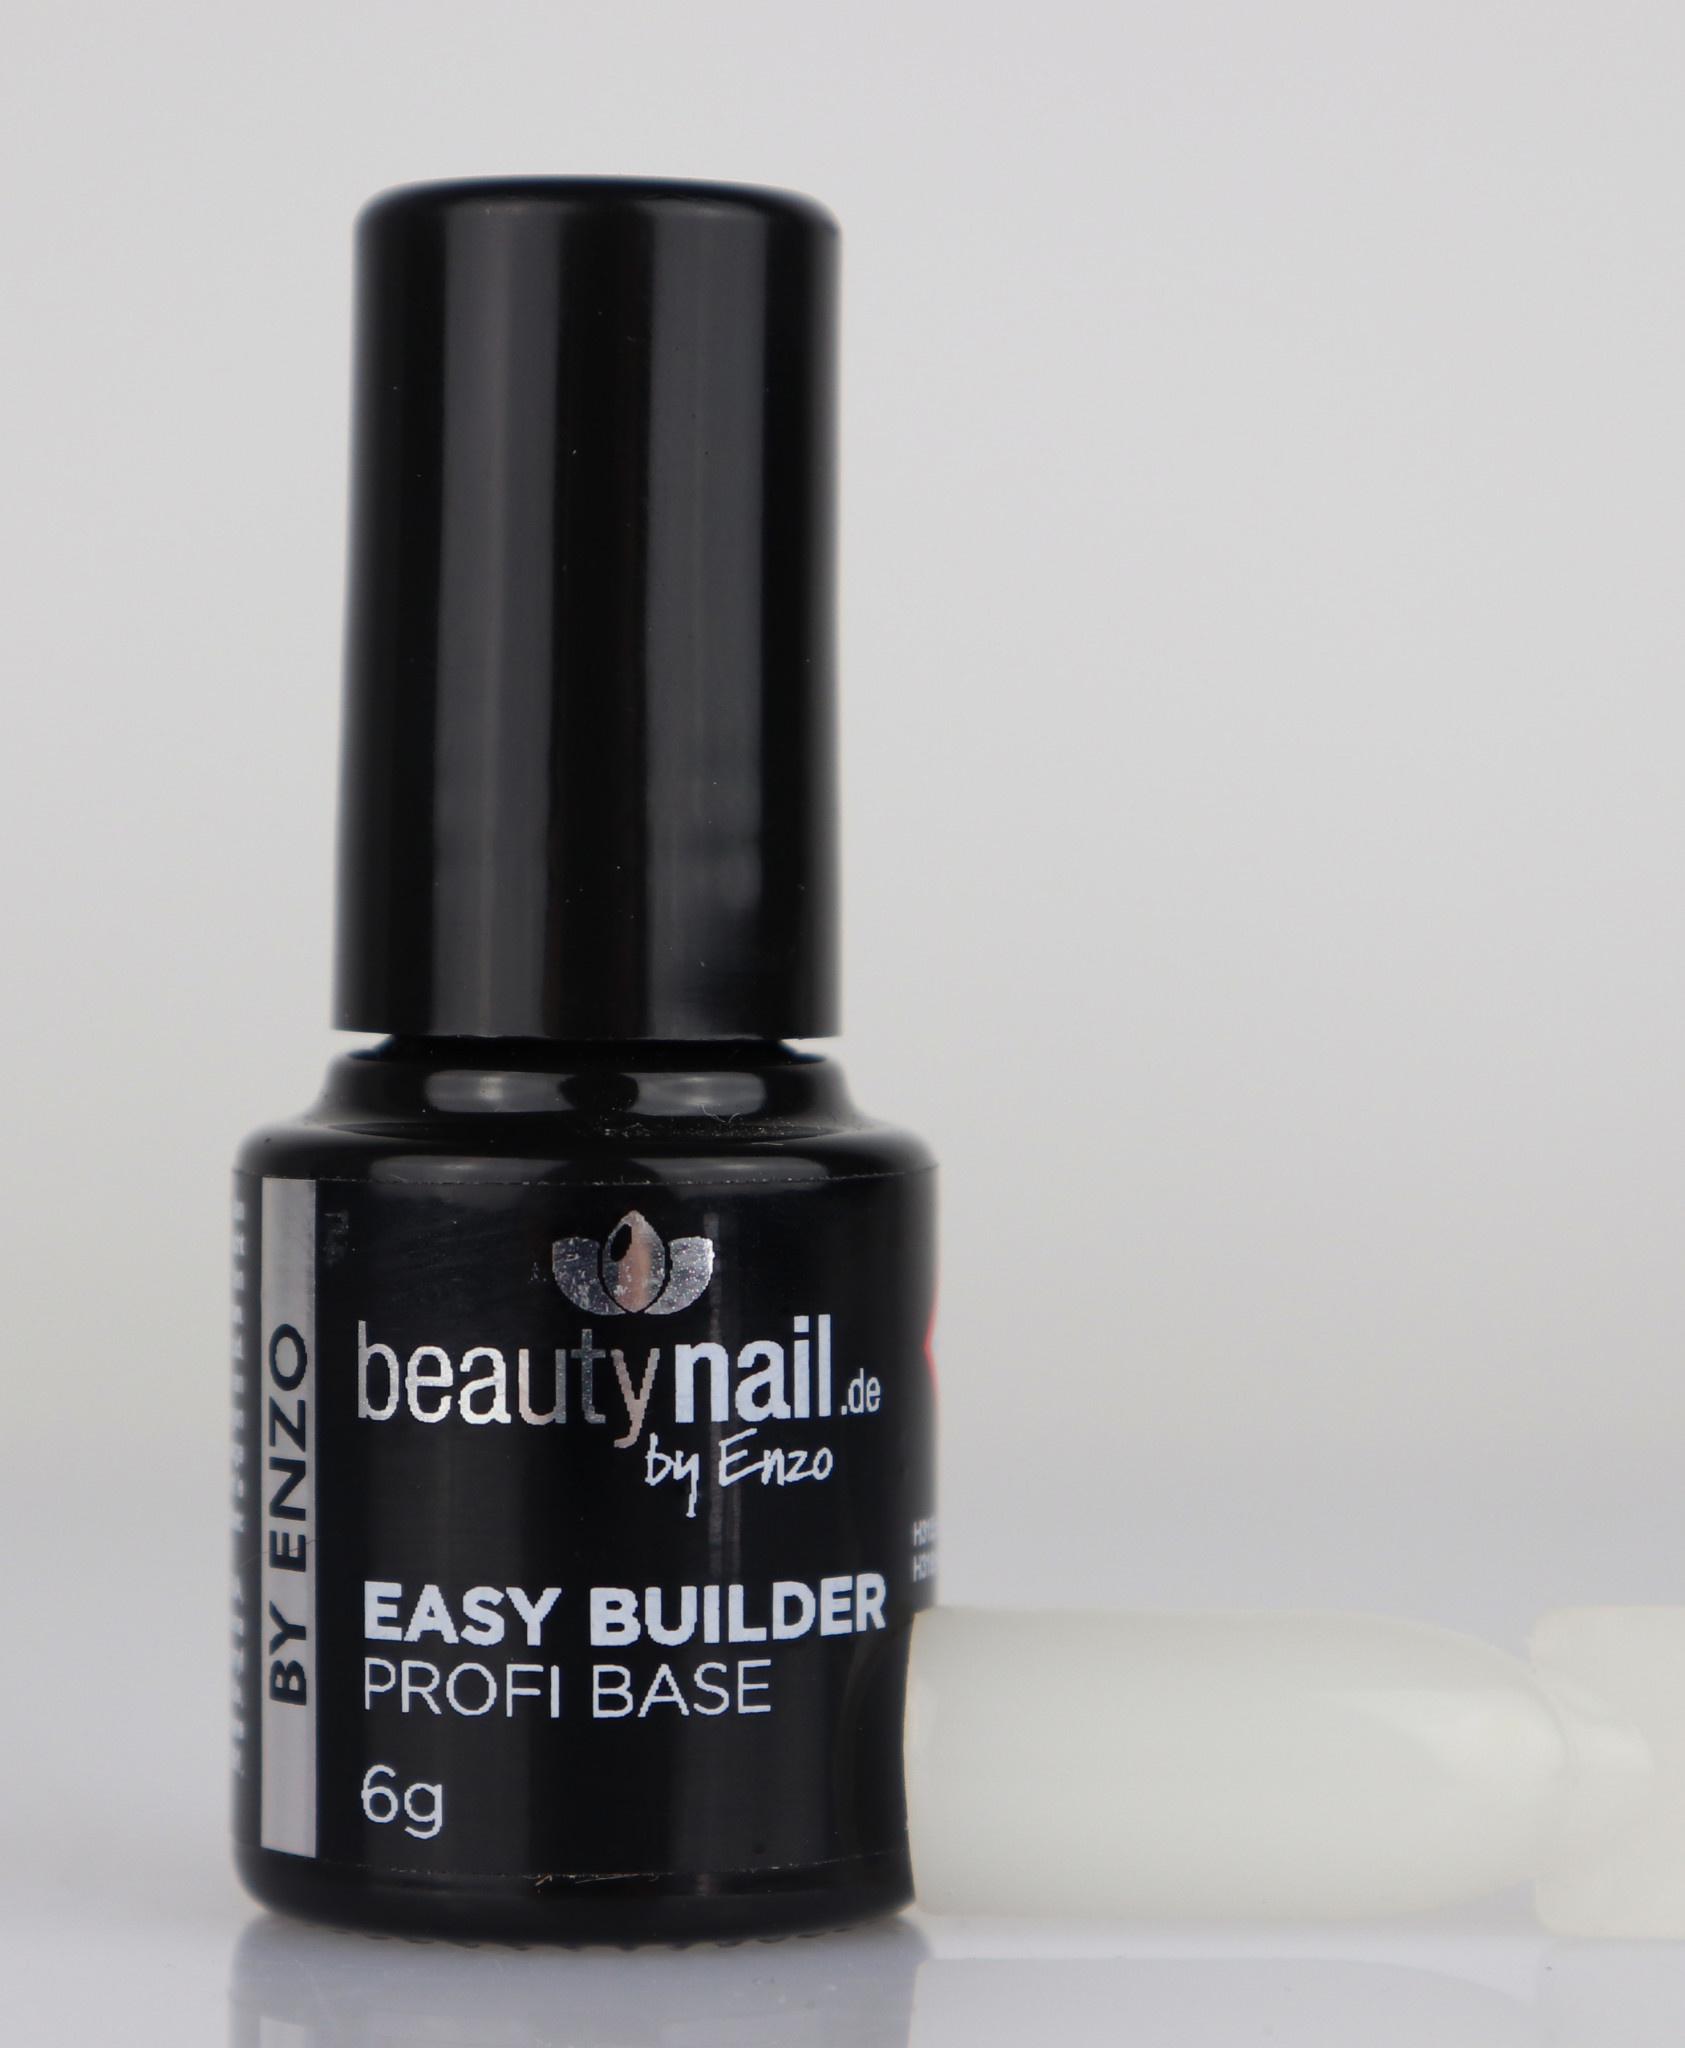 Easy Builder - Profi Base | Beschikbaar in 6 kleuren-3